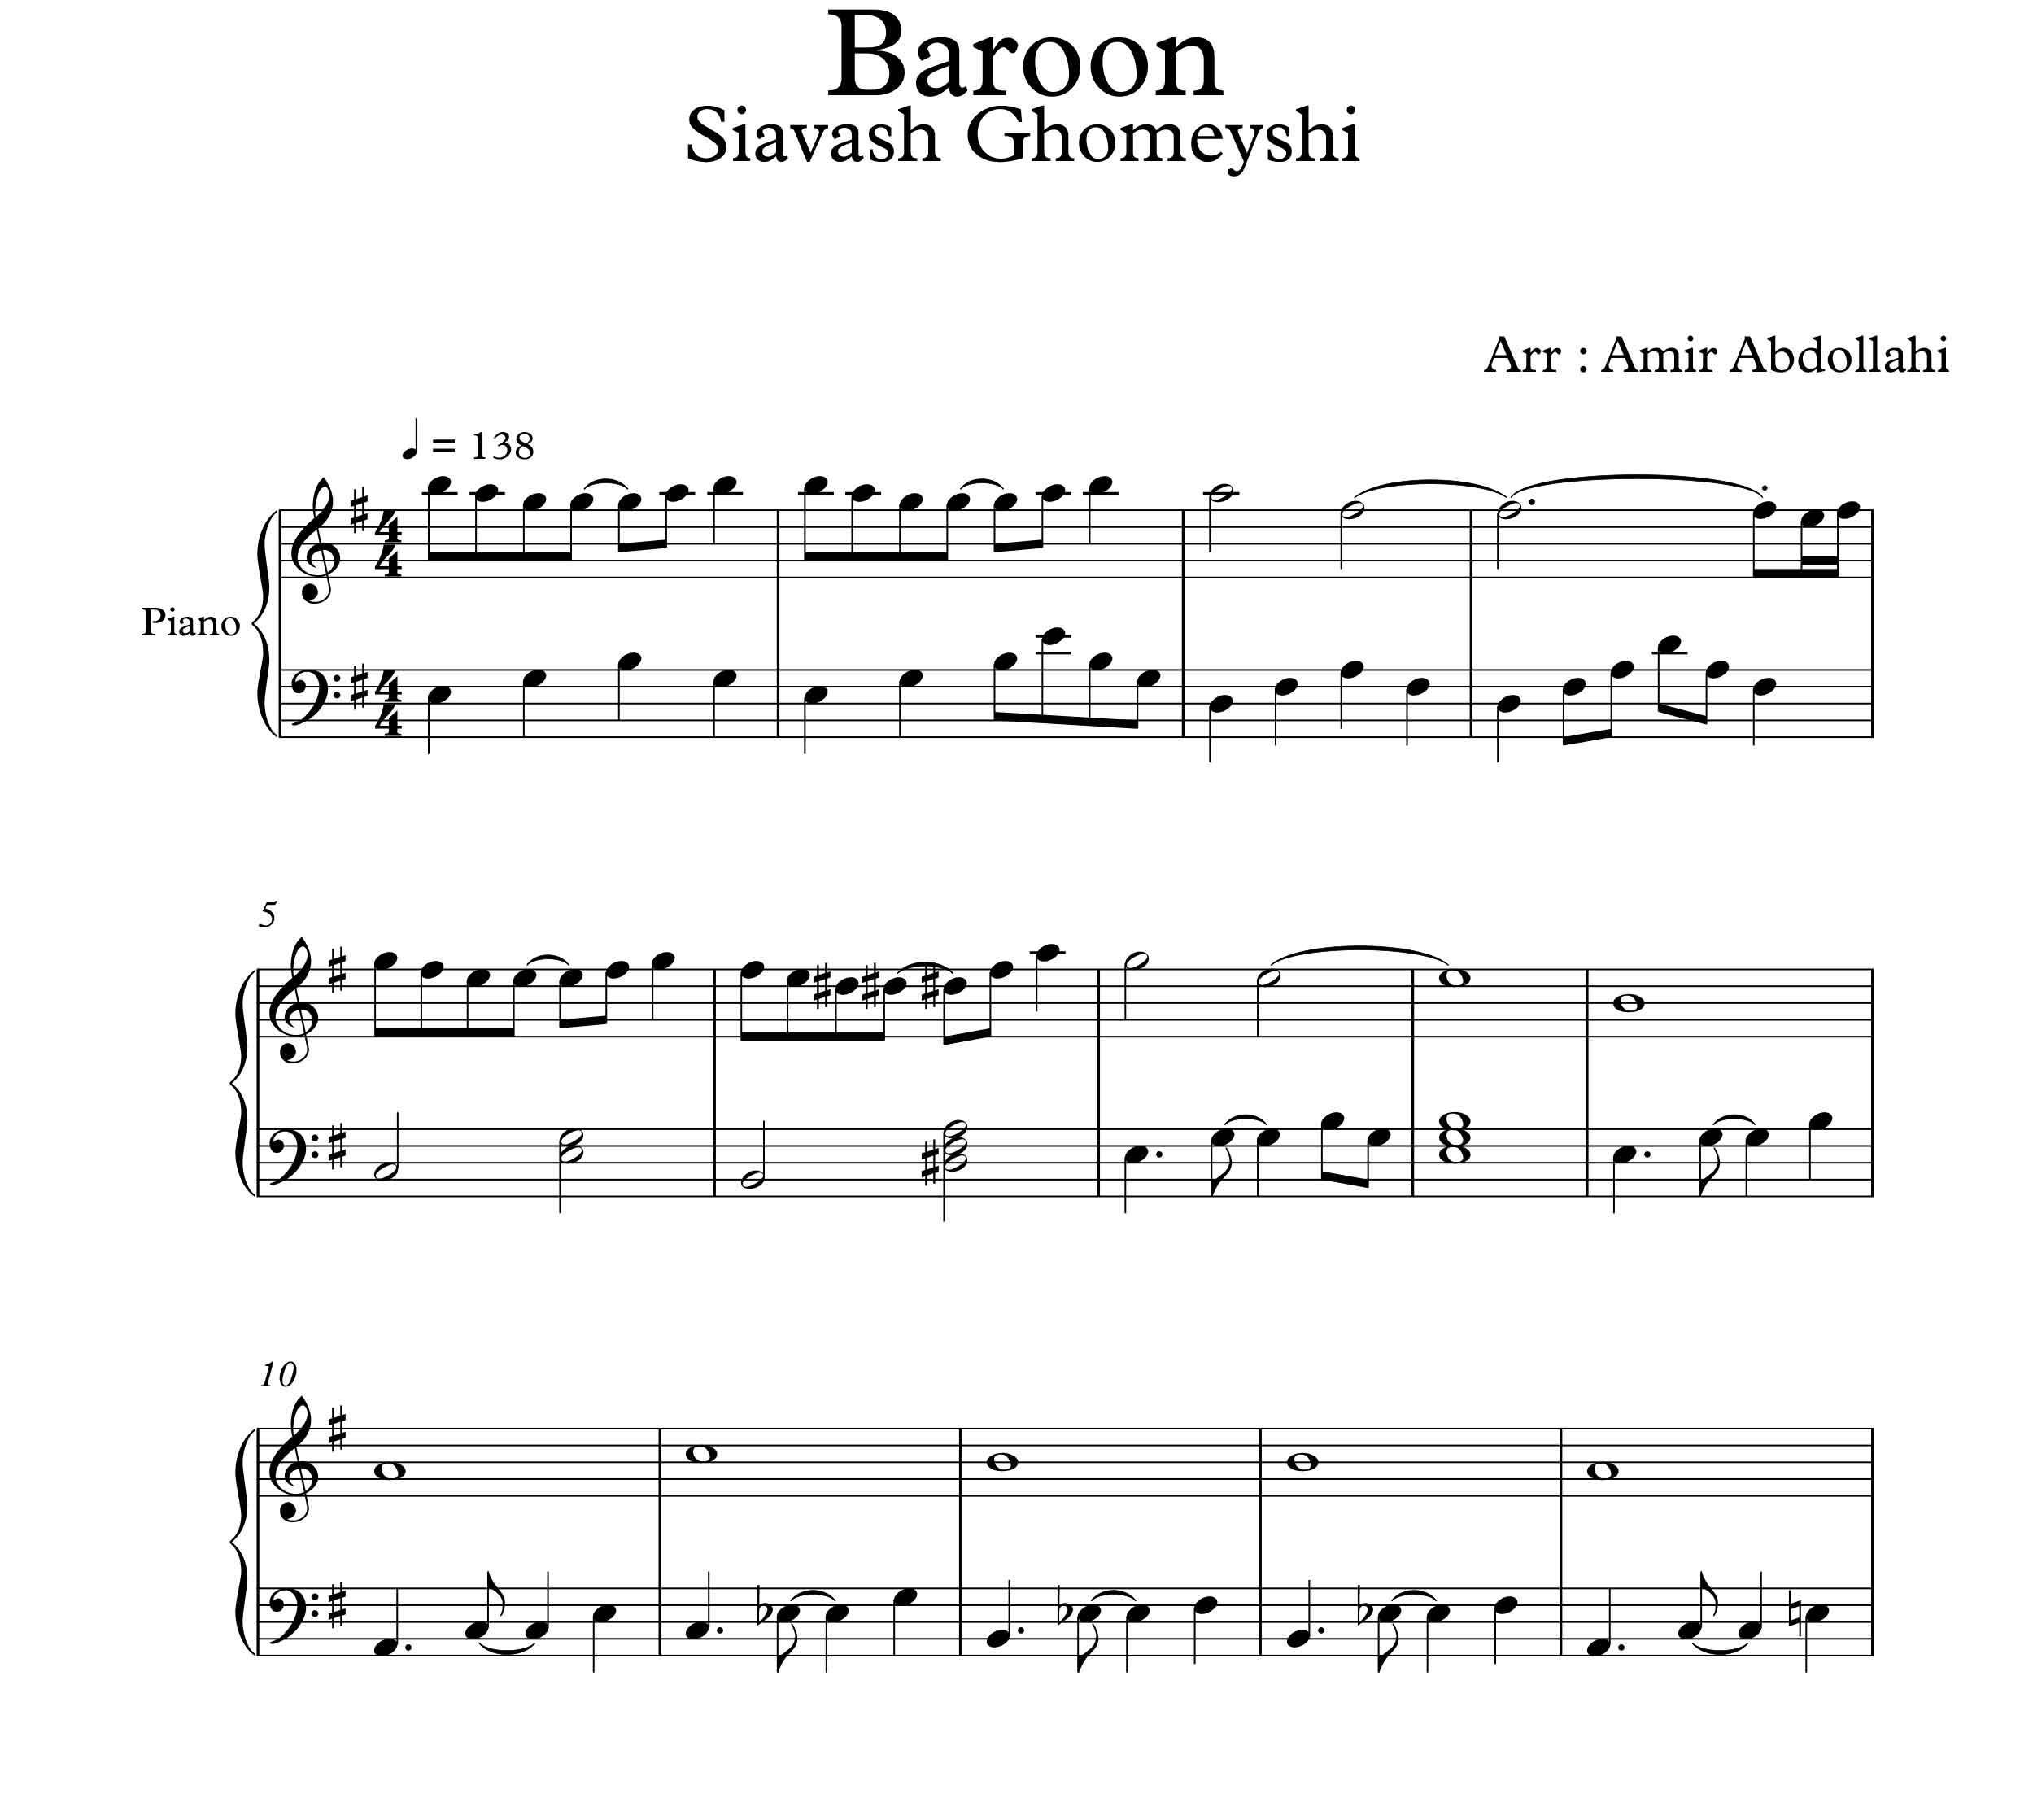 نت پیانو آهنگ بارون از سیاوش قمیشی